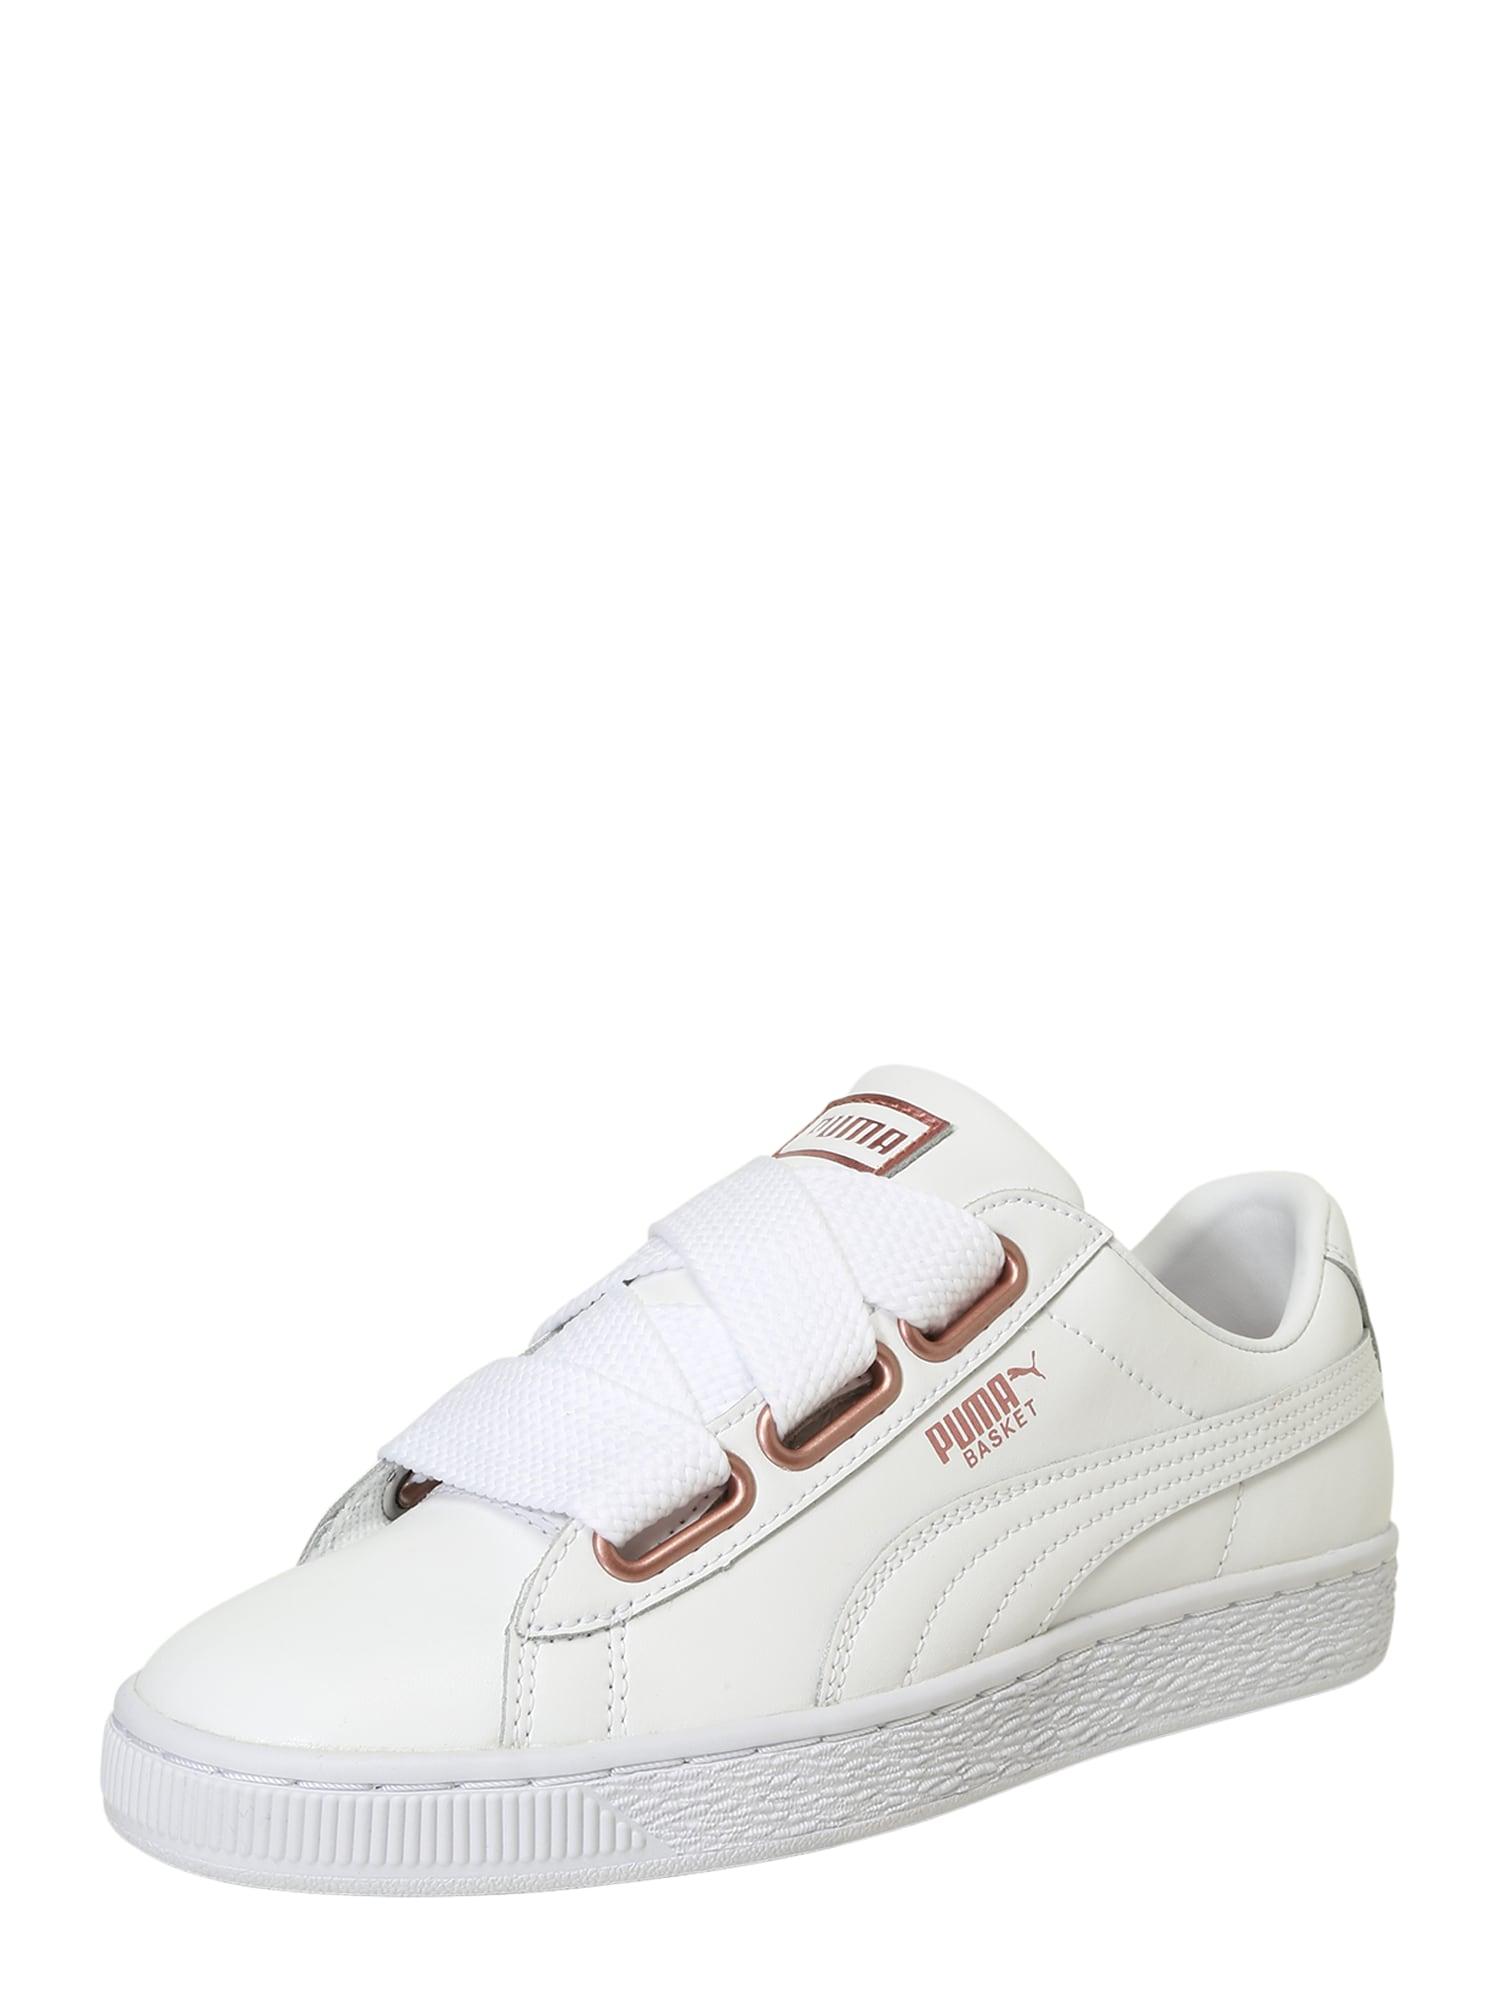 Tenisky Basket Heart růžově zlatá bílá PUMA